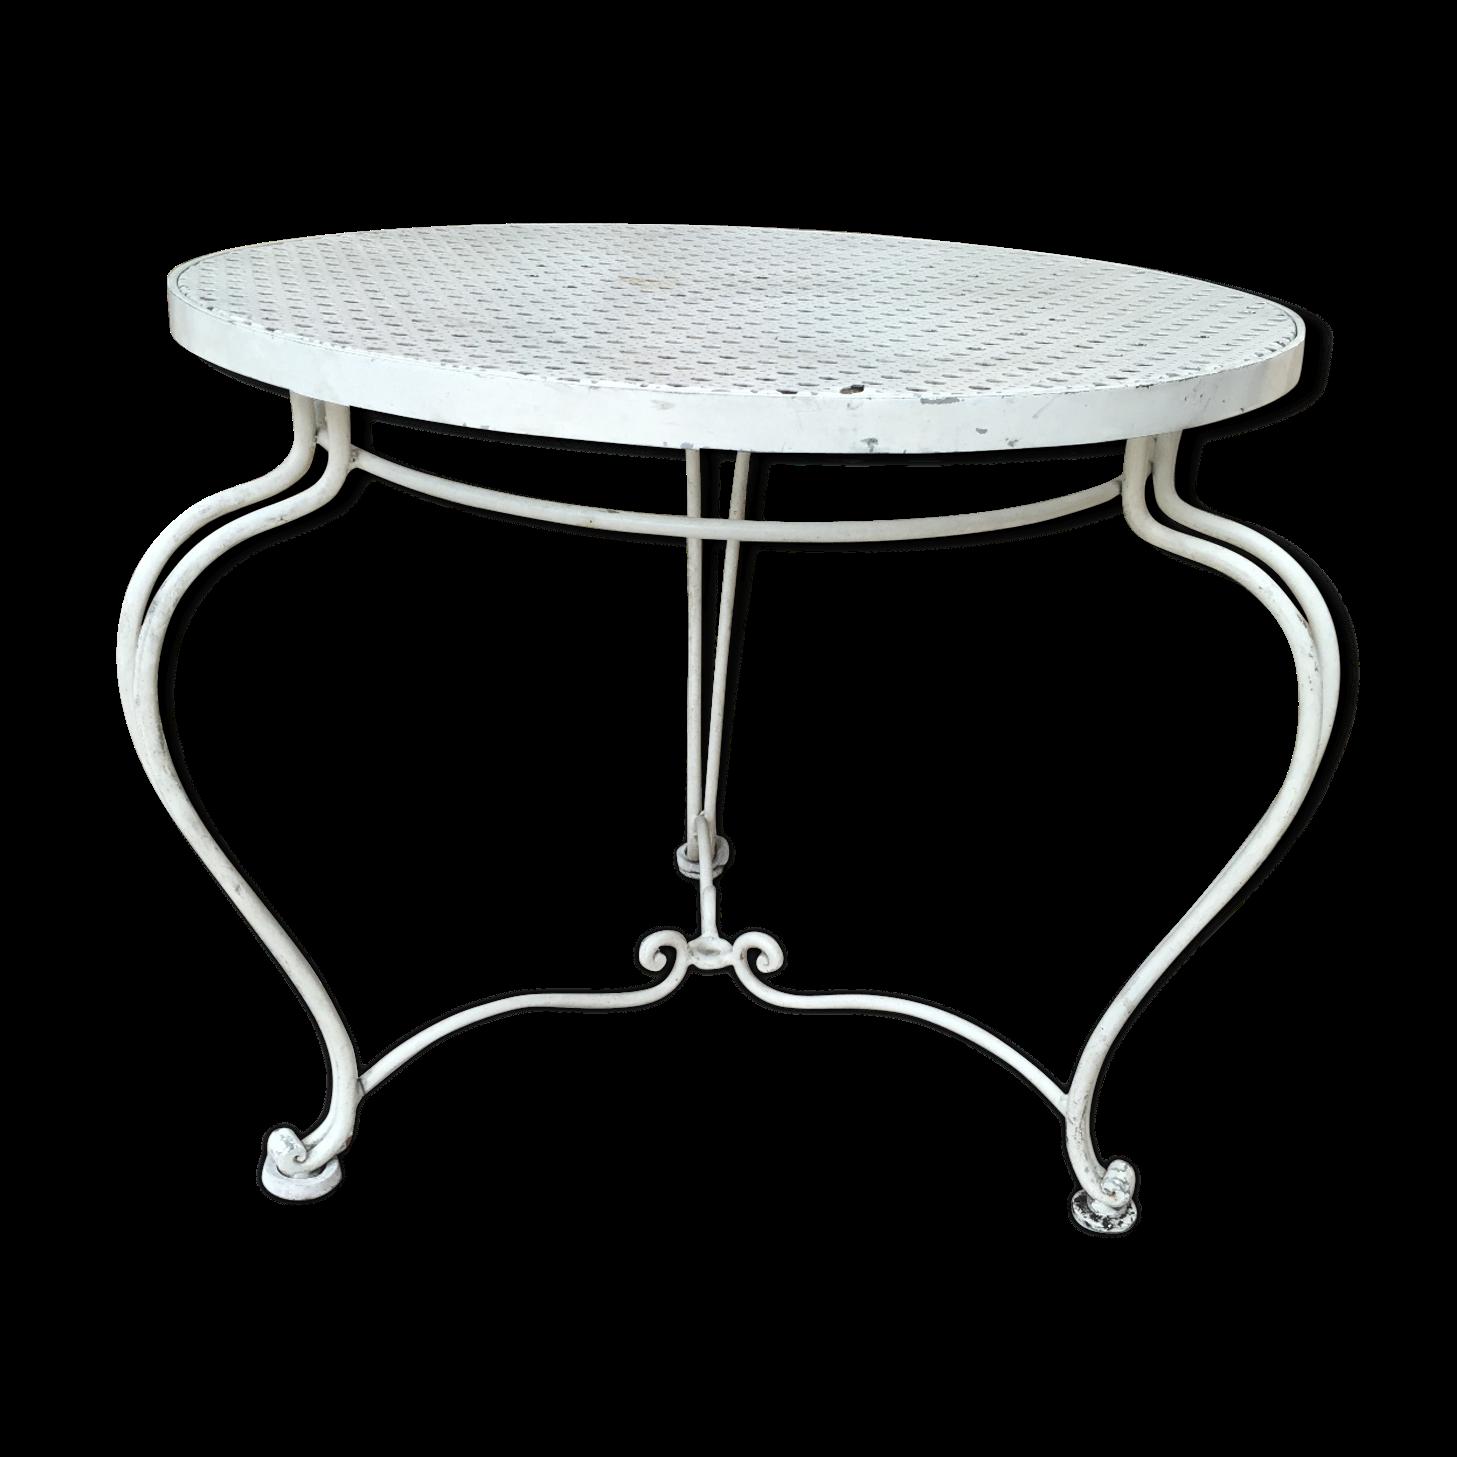 Table basse de jardin en métal | Table basse jardin, Table ...